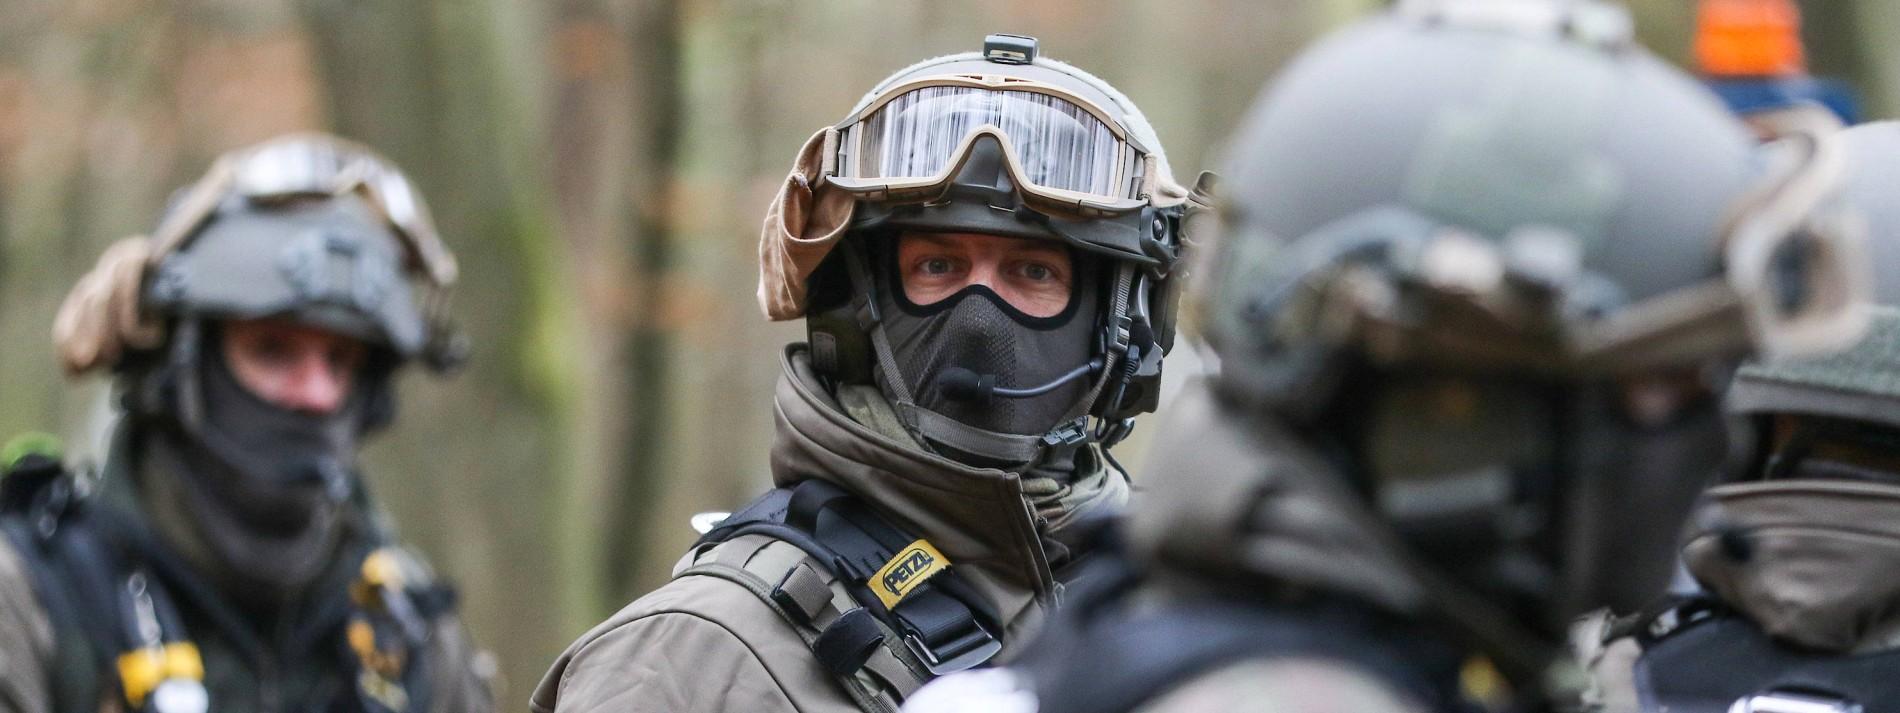 Aktivisten beschießen Polizisten abermals mit Pyrotechnik